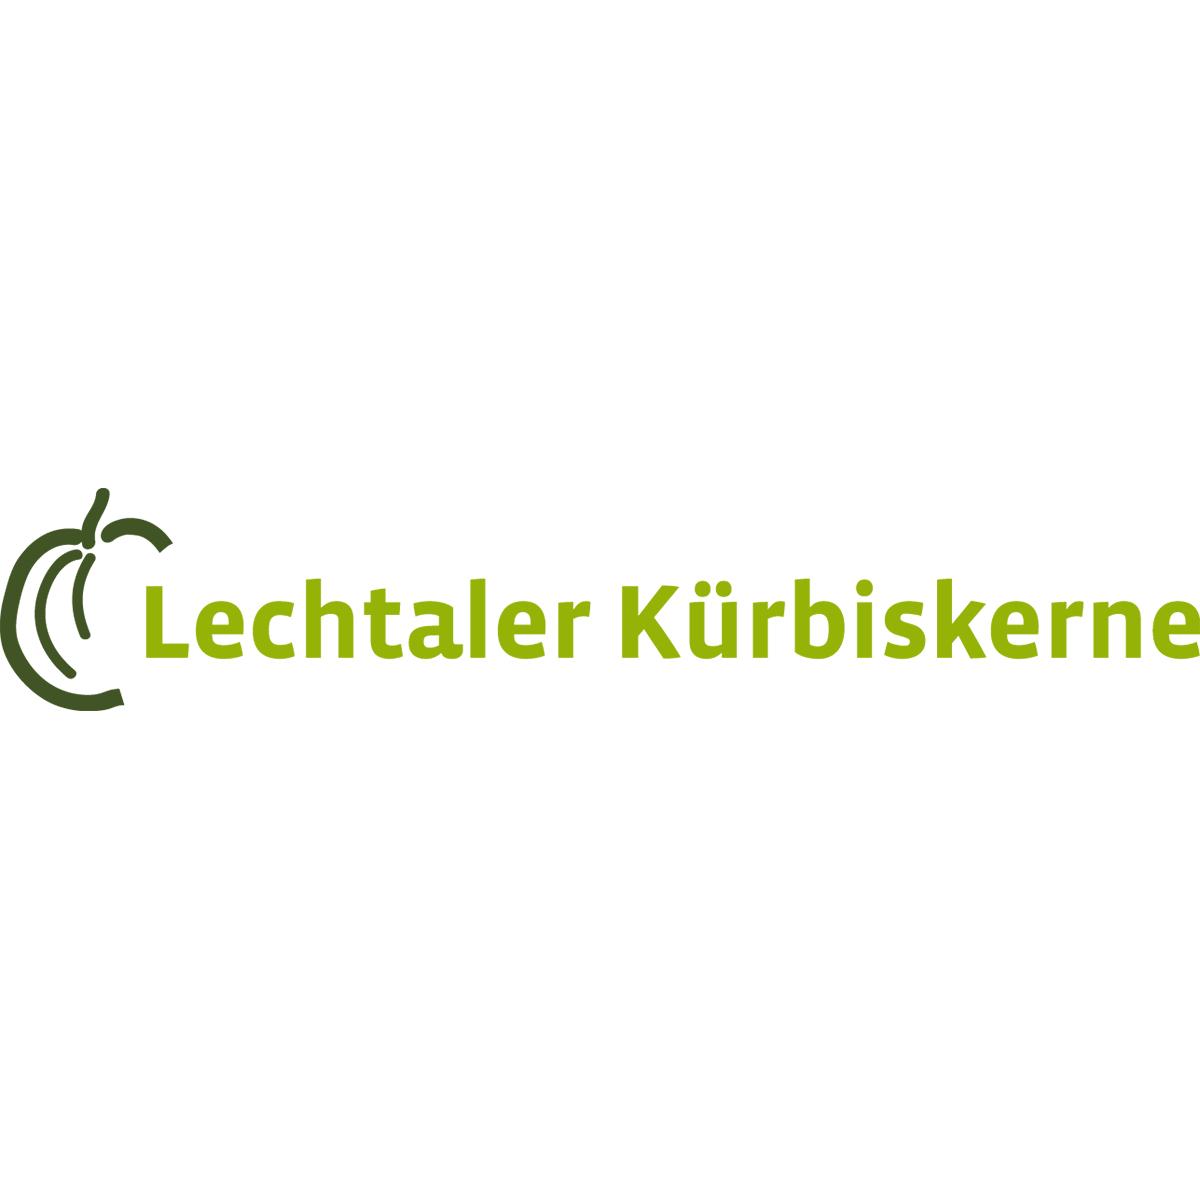 Lechtaler Kürbiskern GbR